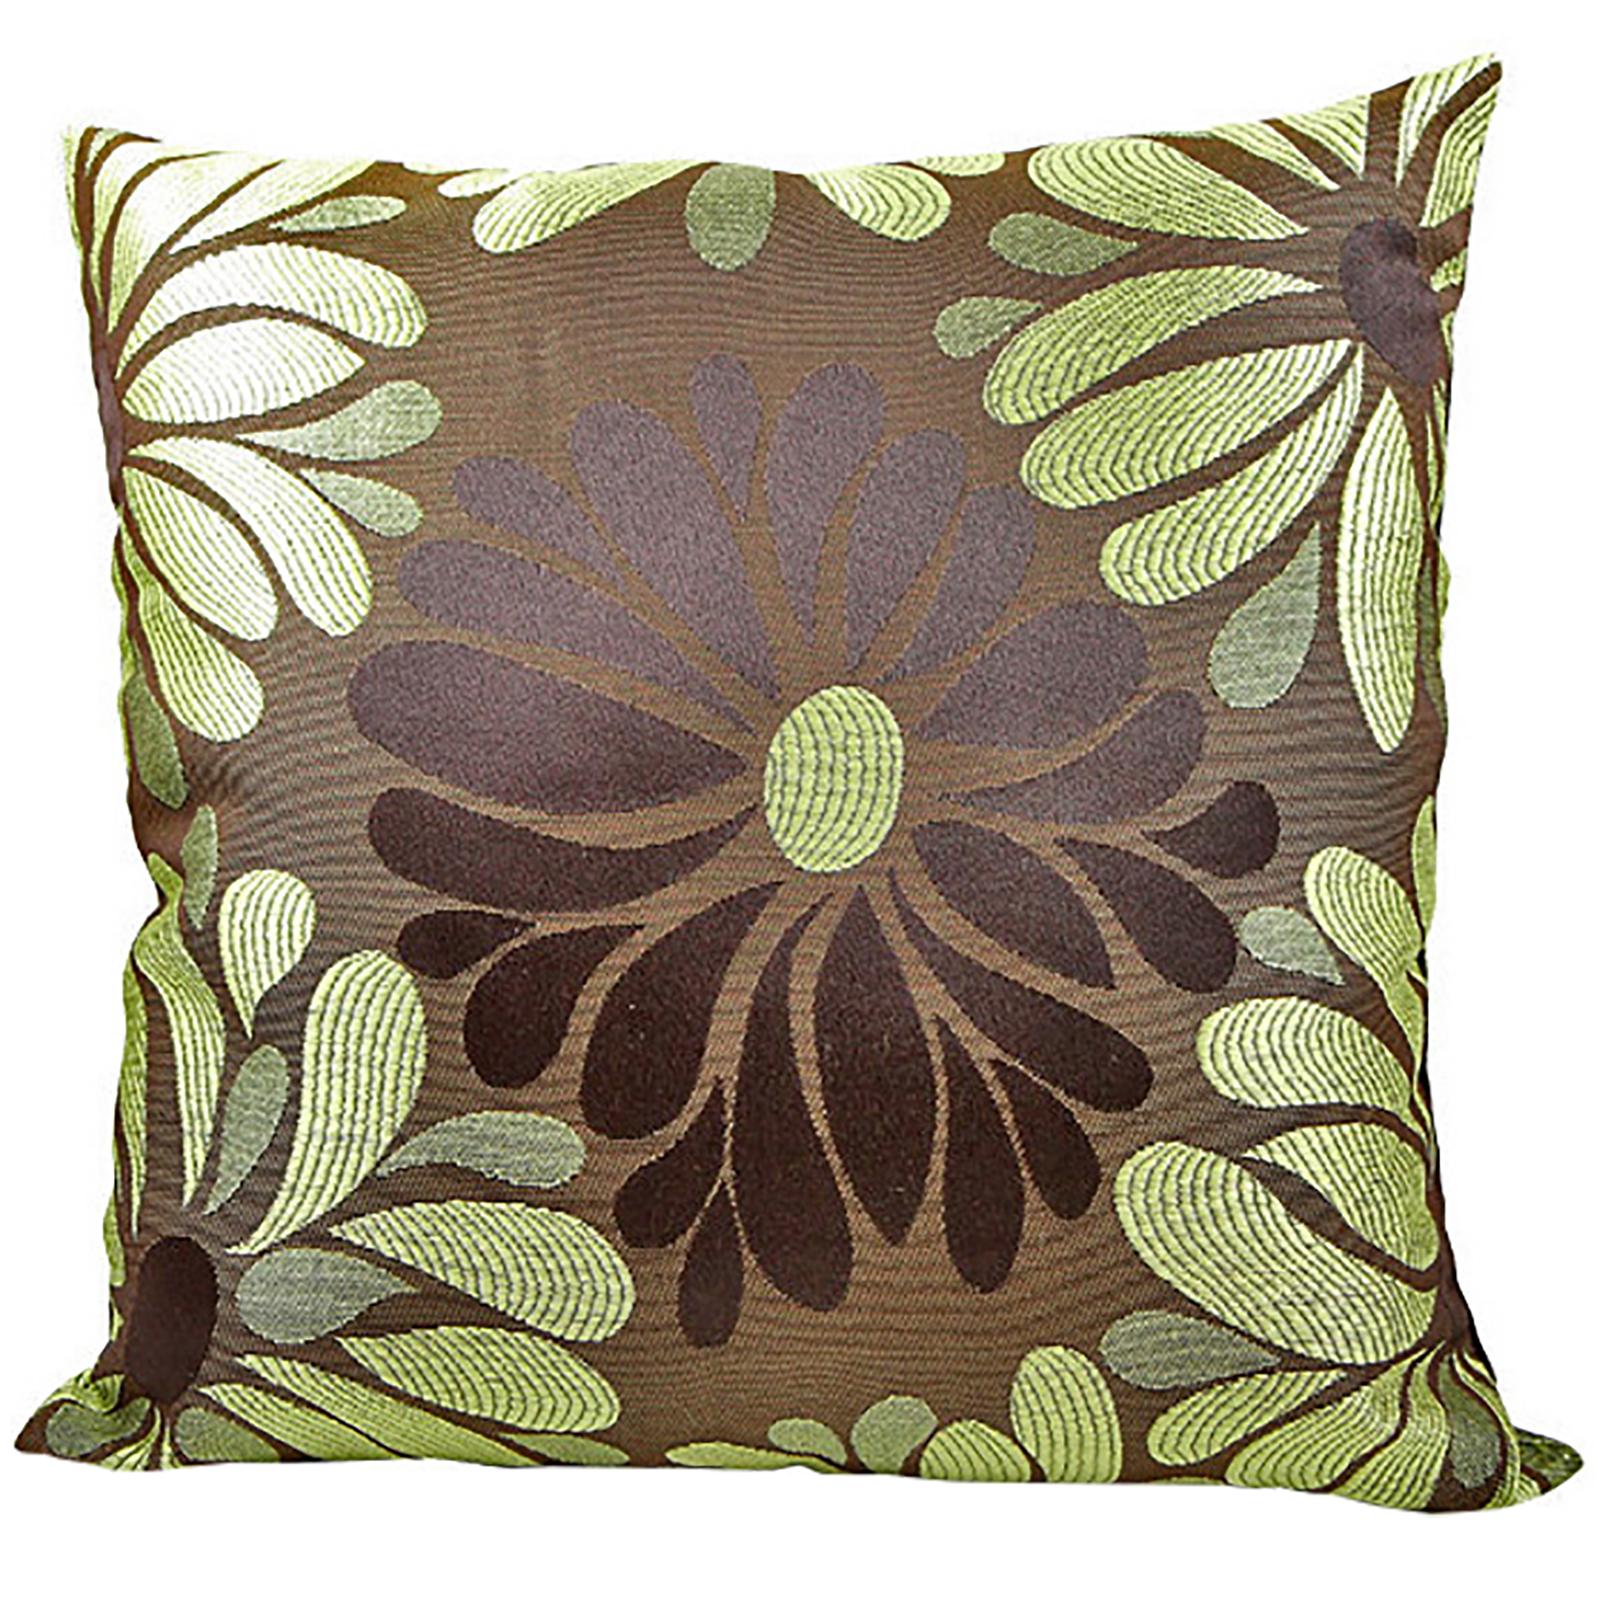 Tessuto floreale cuscini lusso divano letto federe per cuscini decorativi ebay - Cuscini decorativi letto ...